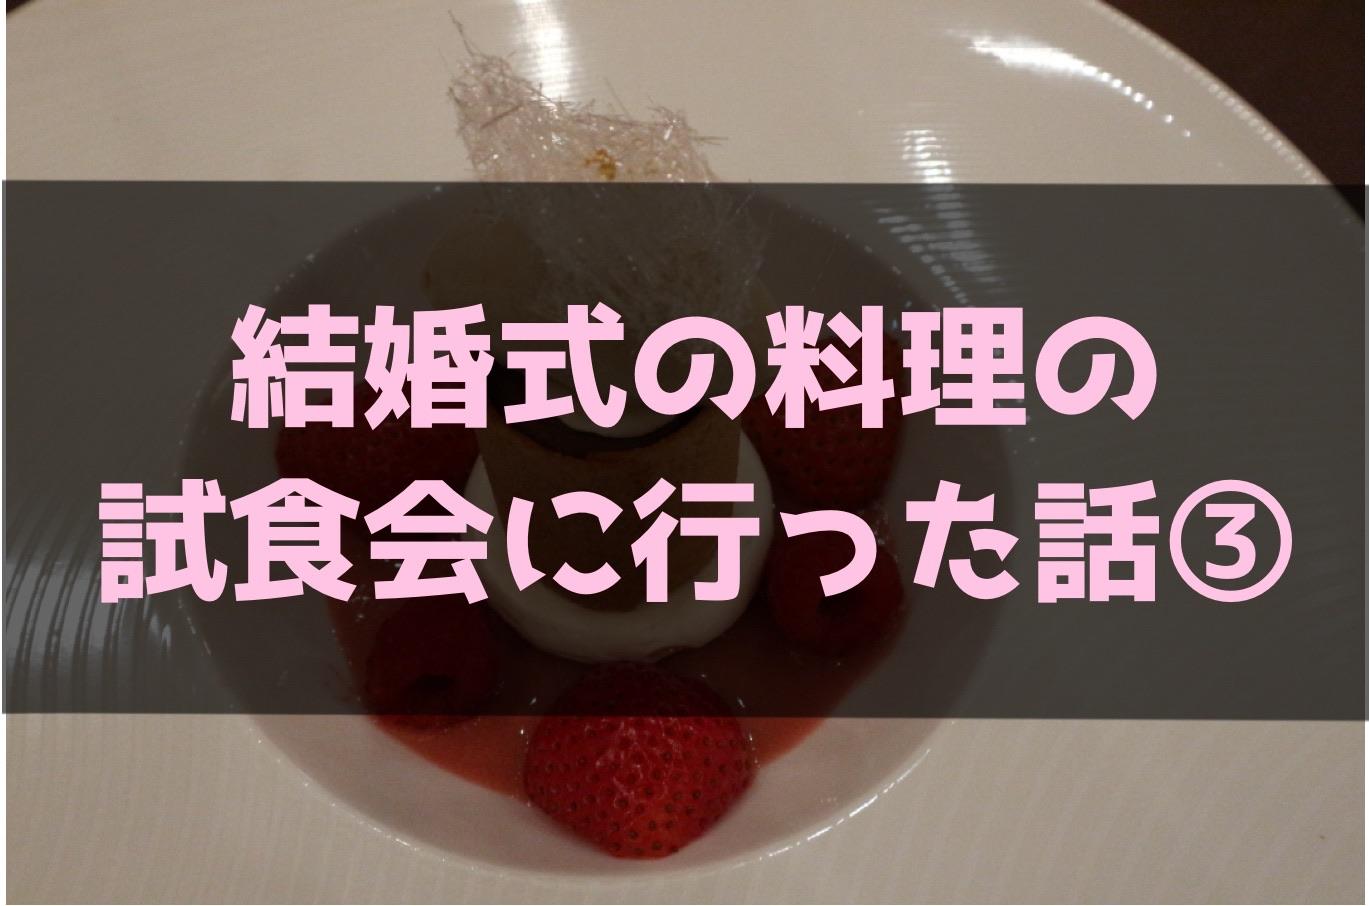 【フレンチ】結婚式の料理の試食会に行った話【21,000円】